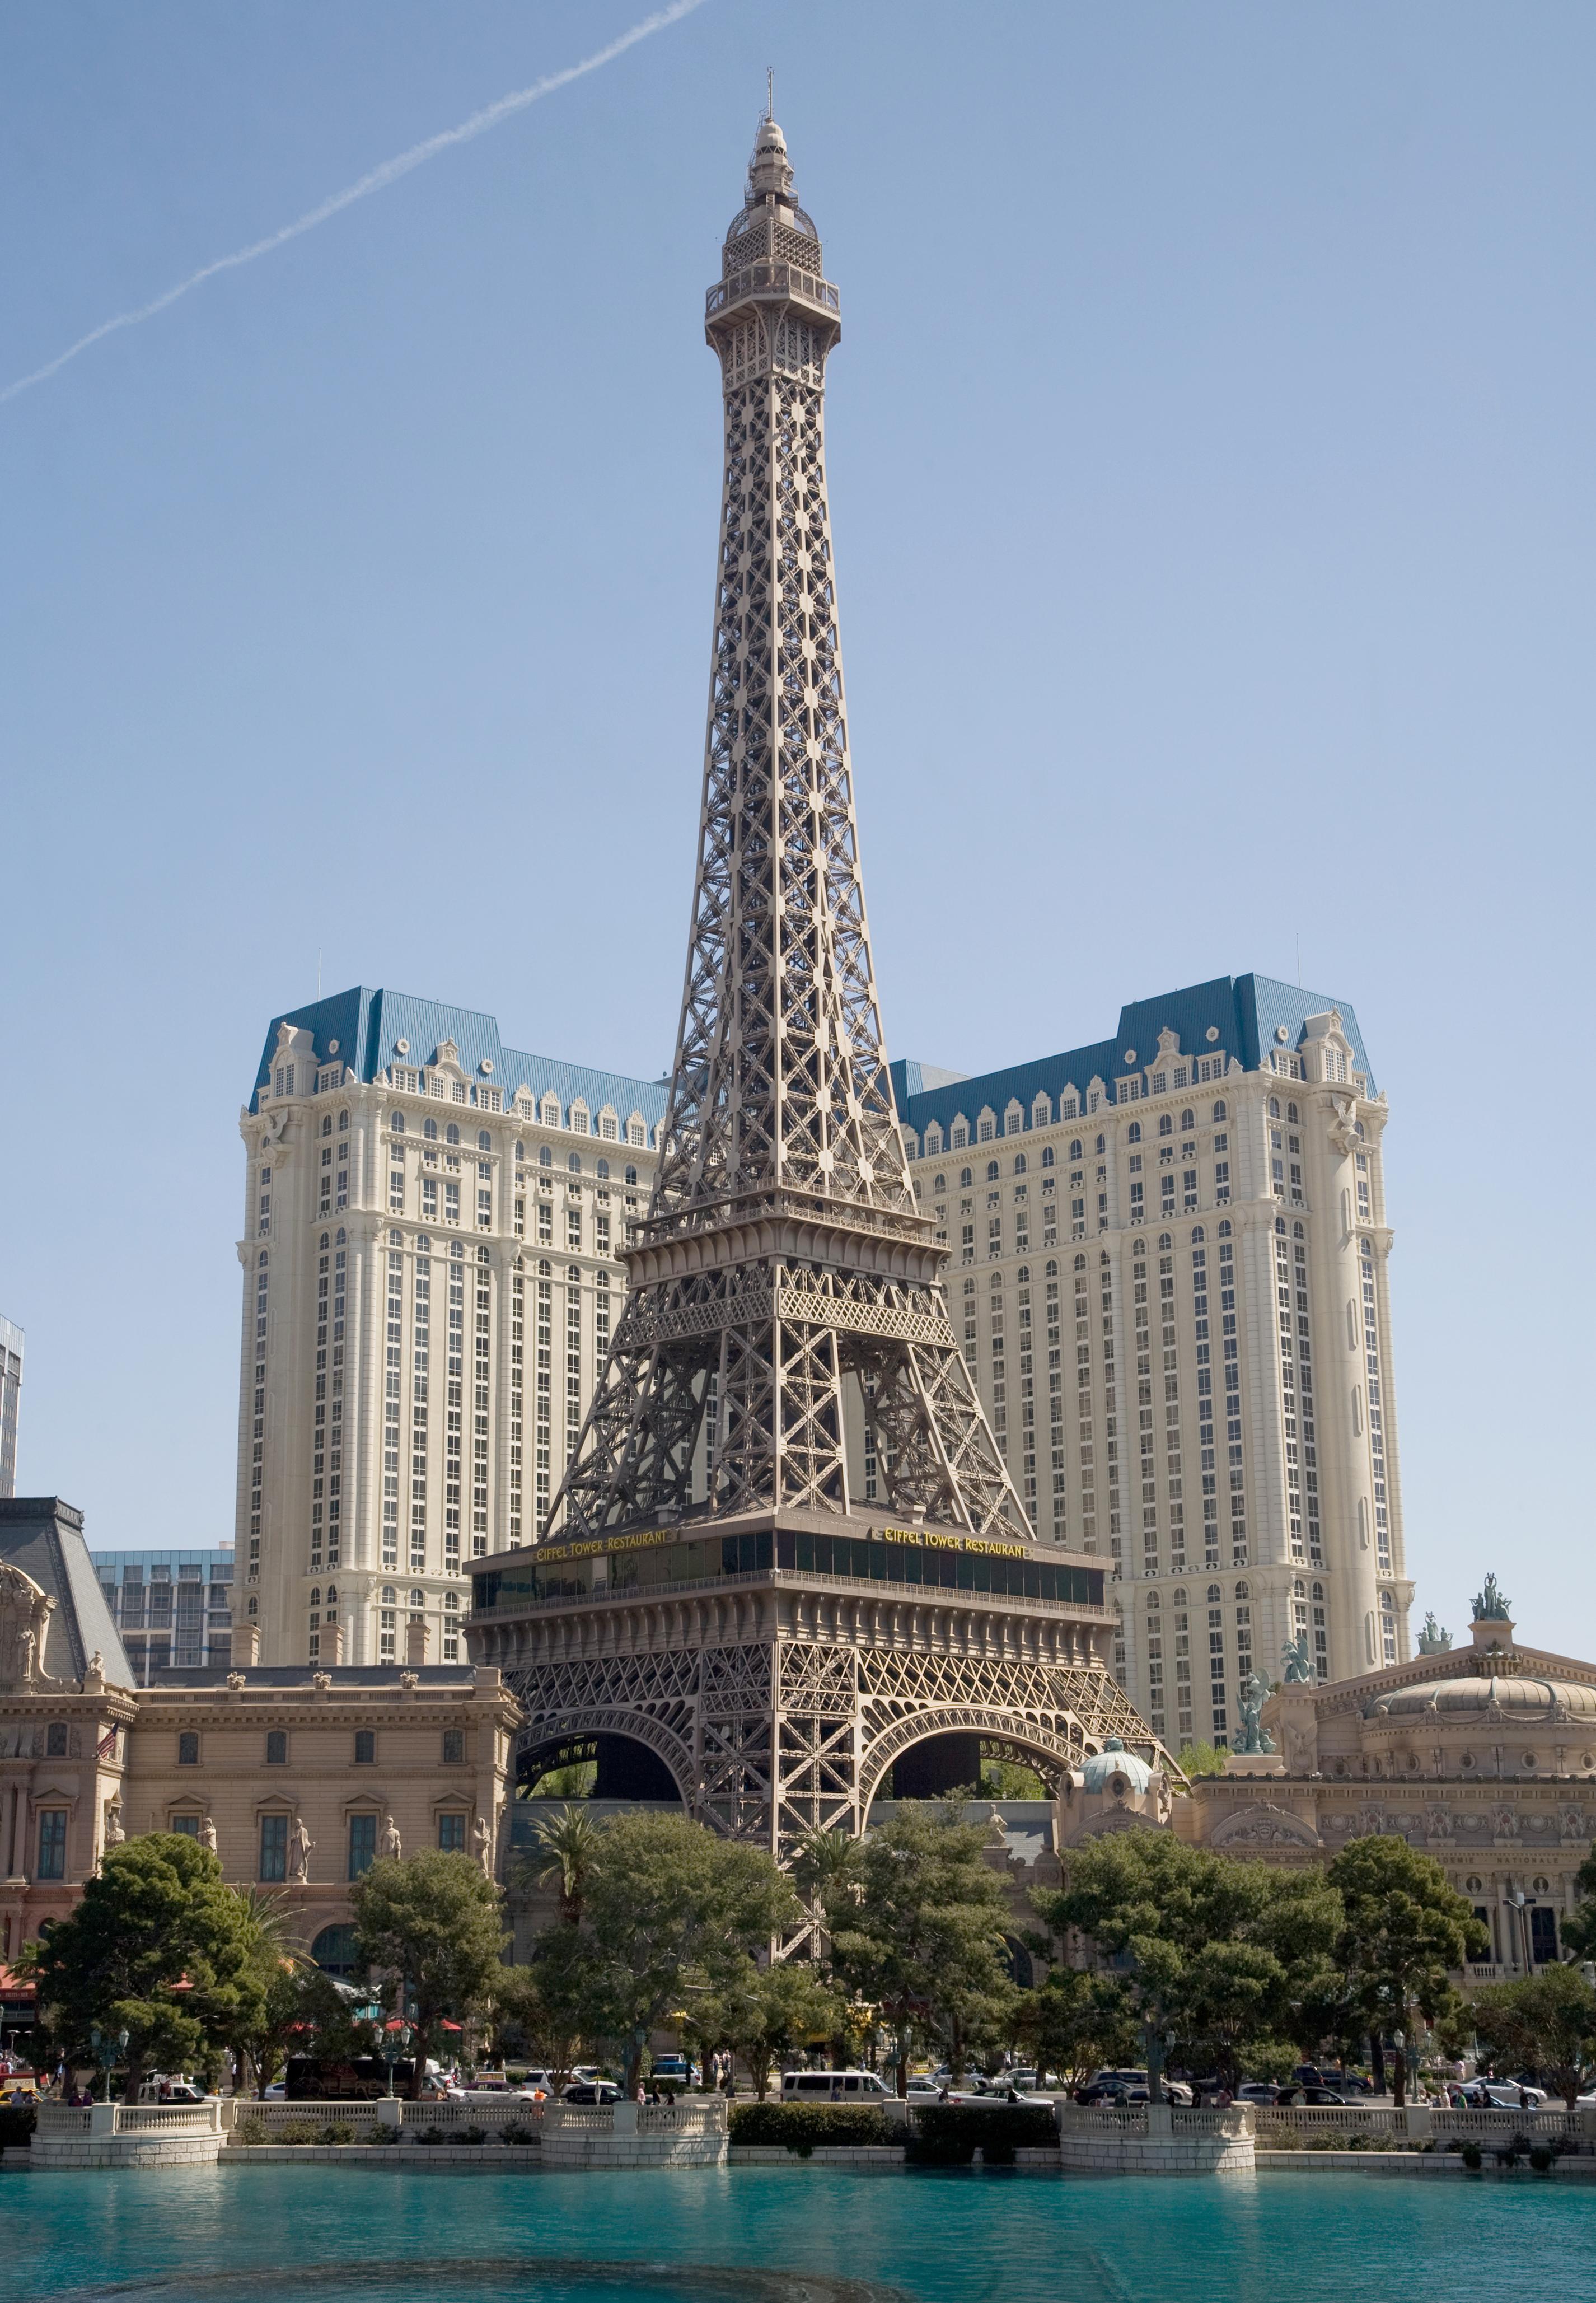 The Paris Hotel Vegas